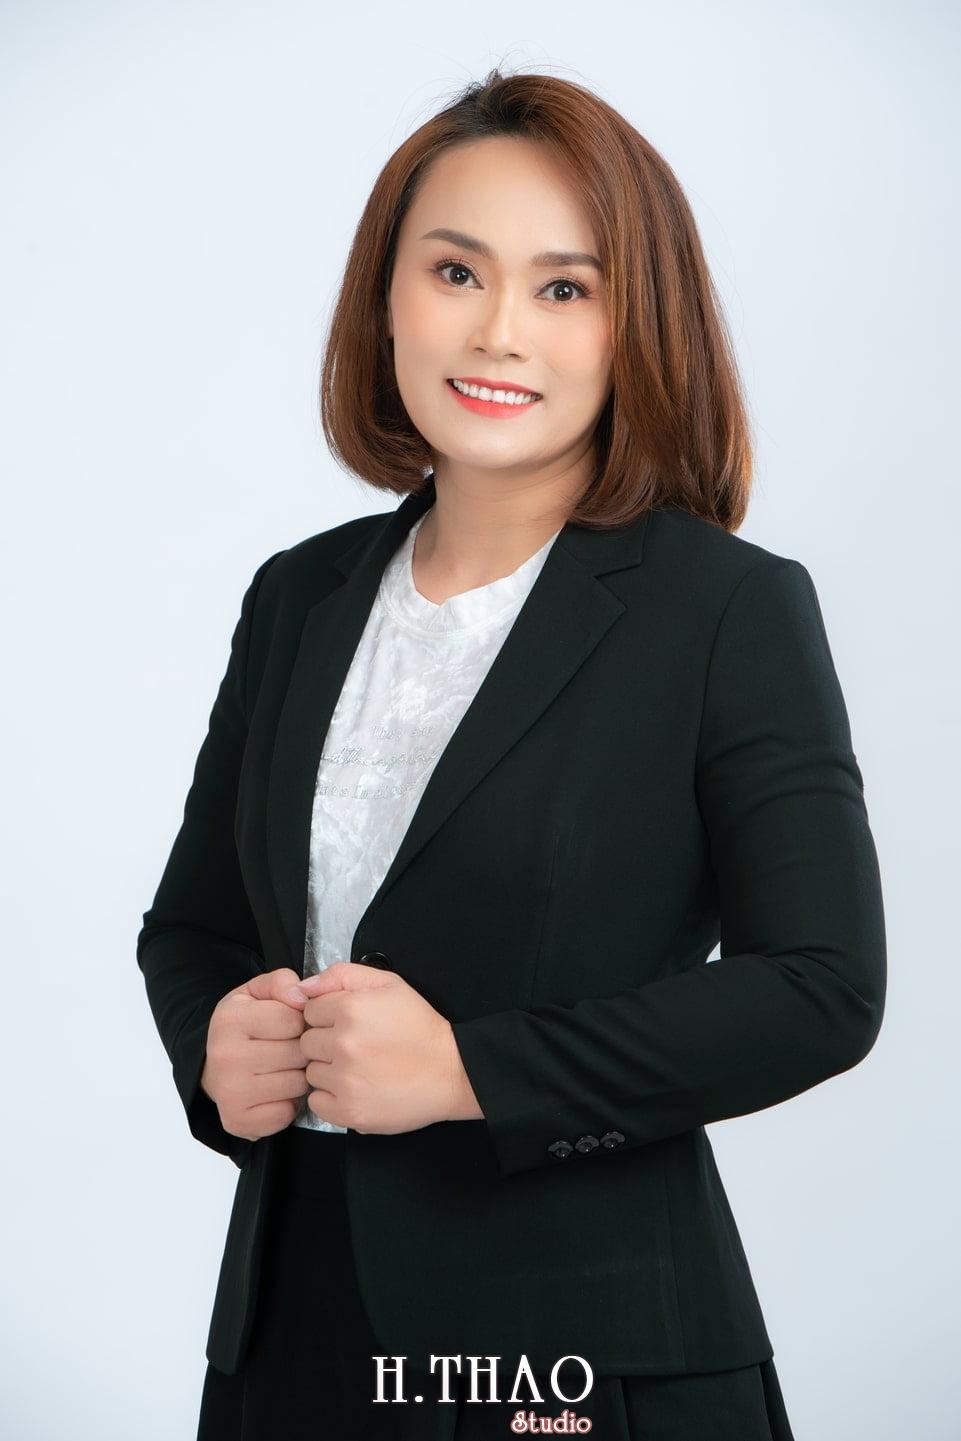 Anh Profile 1 - Báo giá chụp ảnh doanh nhân